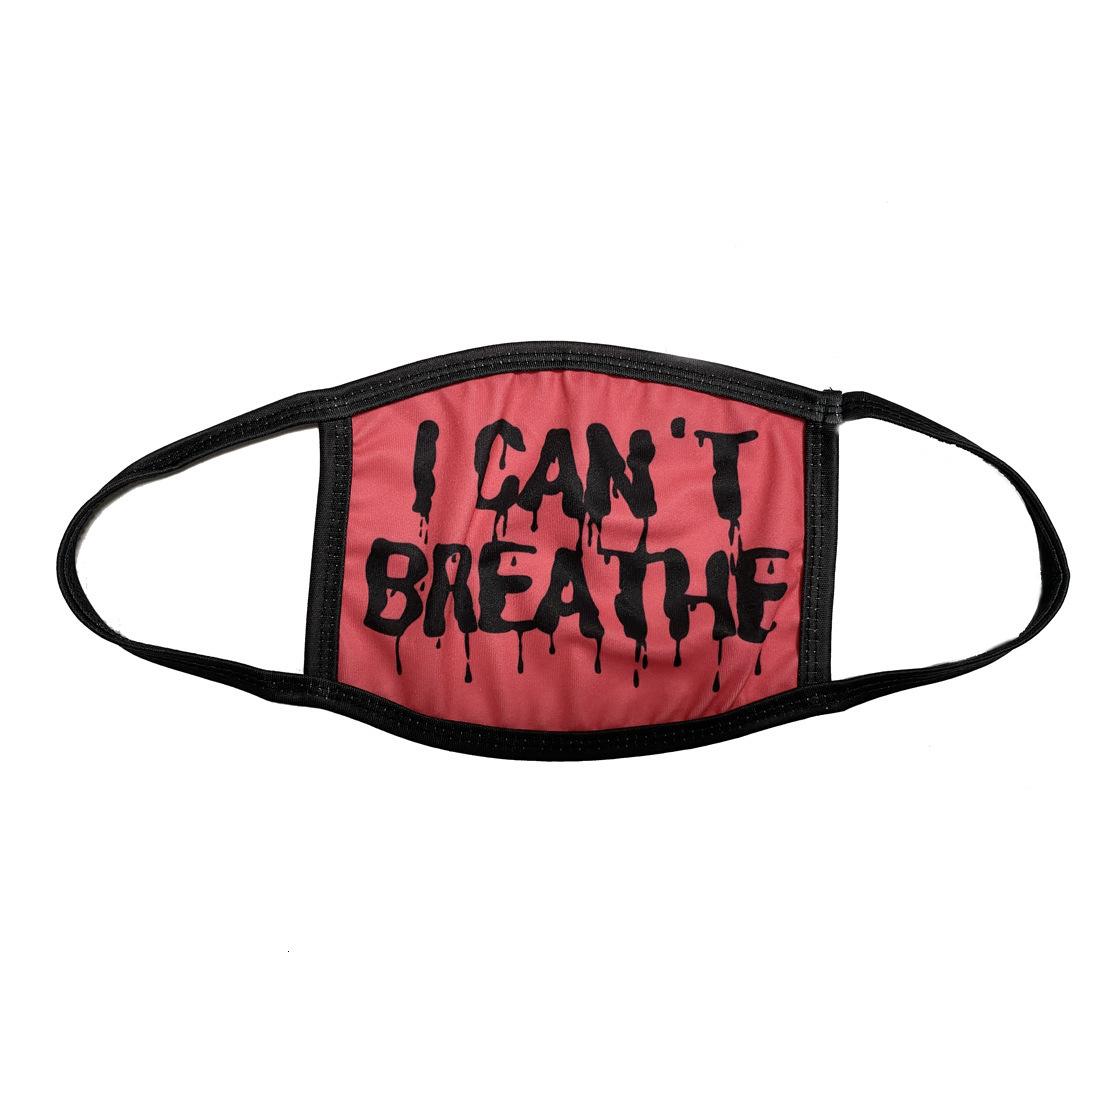 Plenty In Stock I Cant Breathe Silk Face Masks Washable Masks Summer Out Door Sport Riding Masks Fashion Designer Mask for Adults Kids DHL